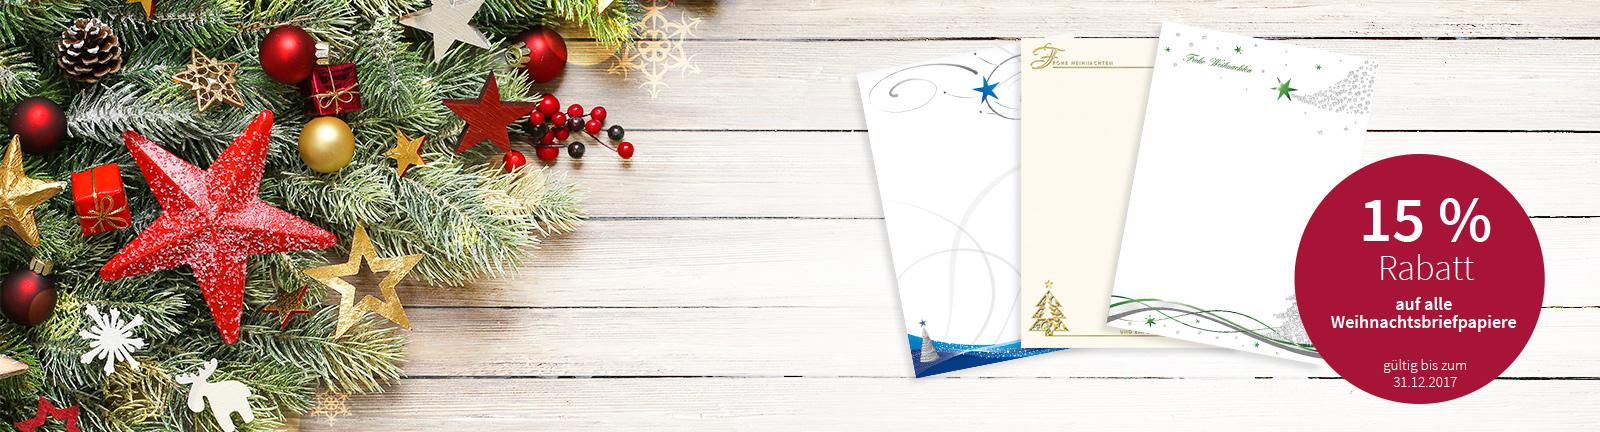 Briefpapier Weihnachten